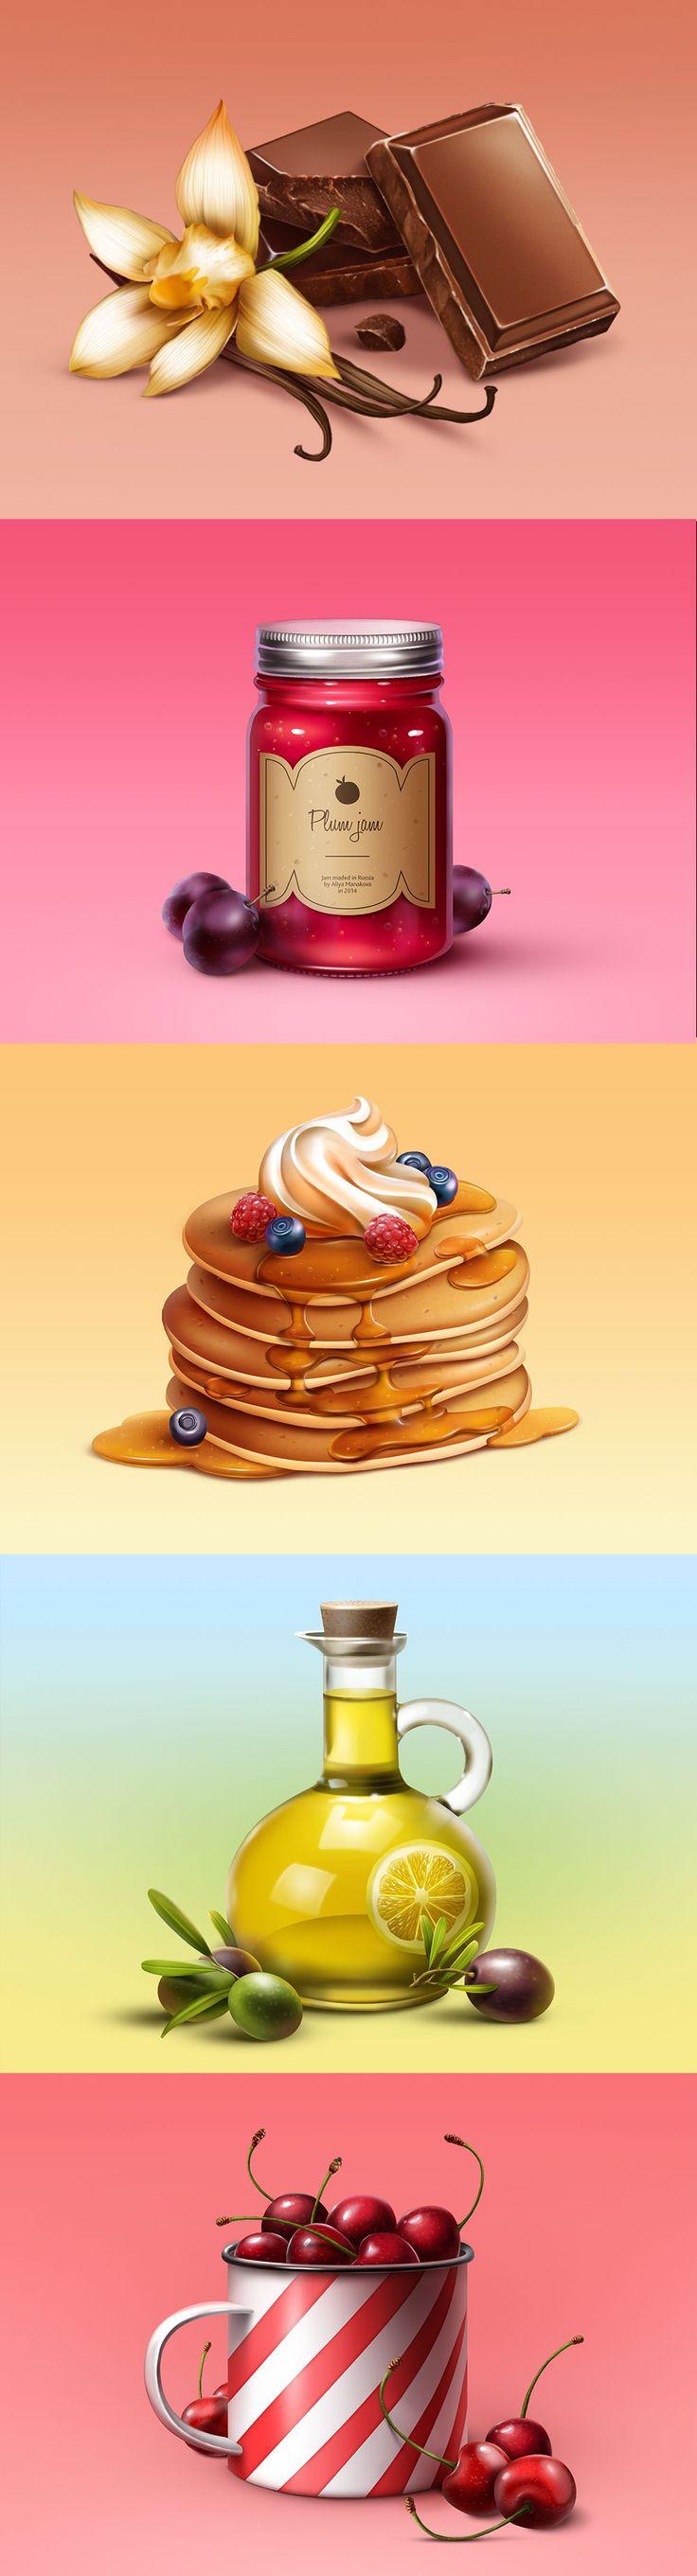 Иллюстрации еды, Illustration © АлияМанакова